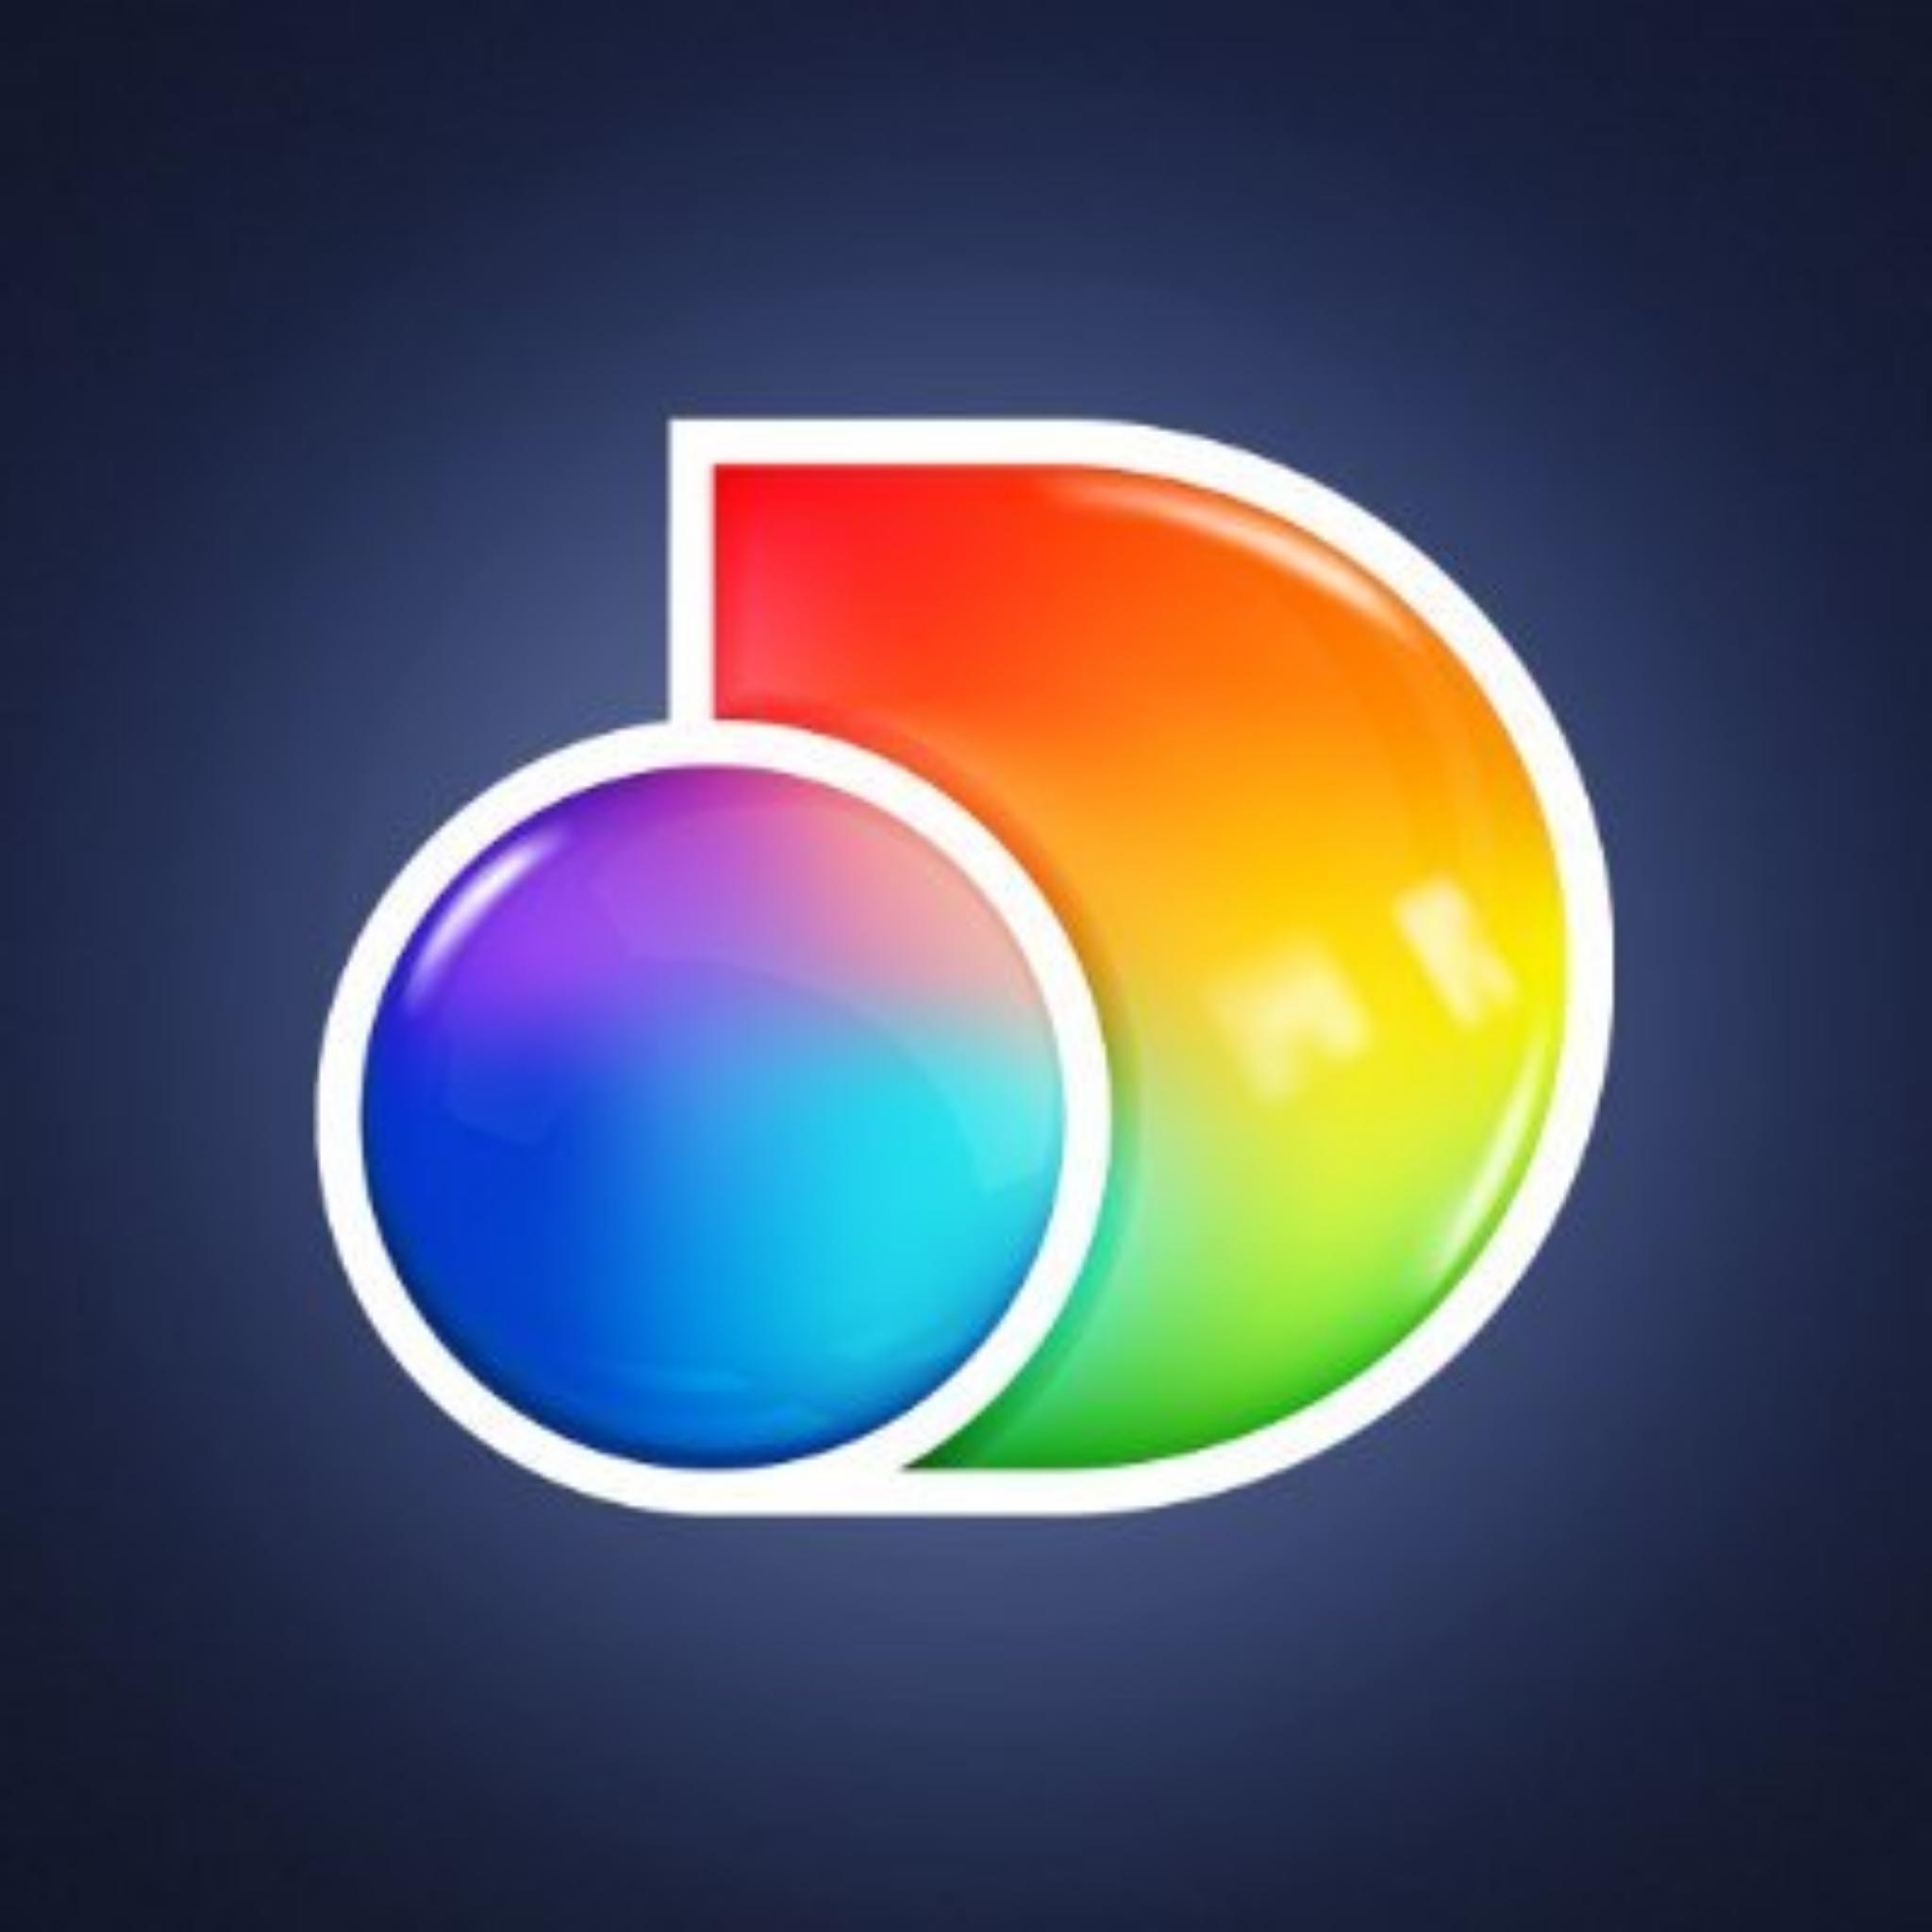 https://indiantelevision.com/sites/default/files/styles/smartcrop_800x800/public/images/tv-images/2021/07/21/photogrid_plus_1626869227707.jpg?itok=PDw09M6j